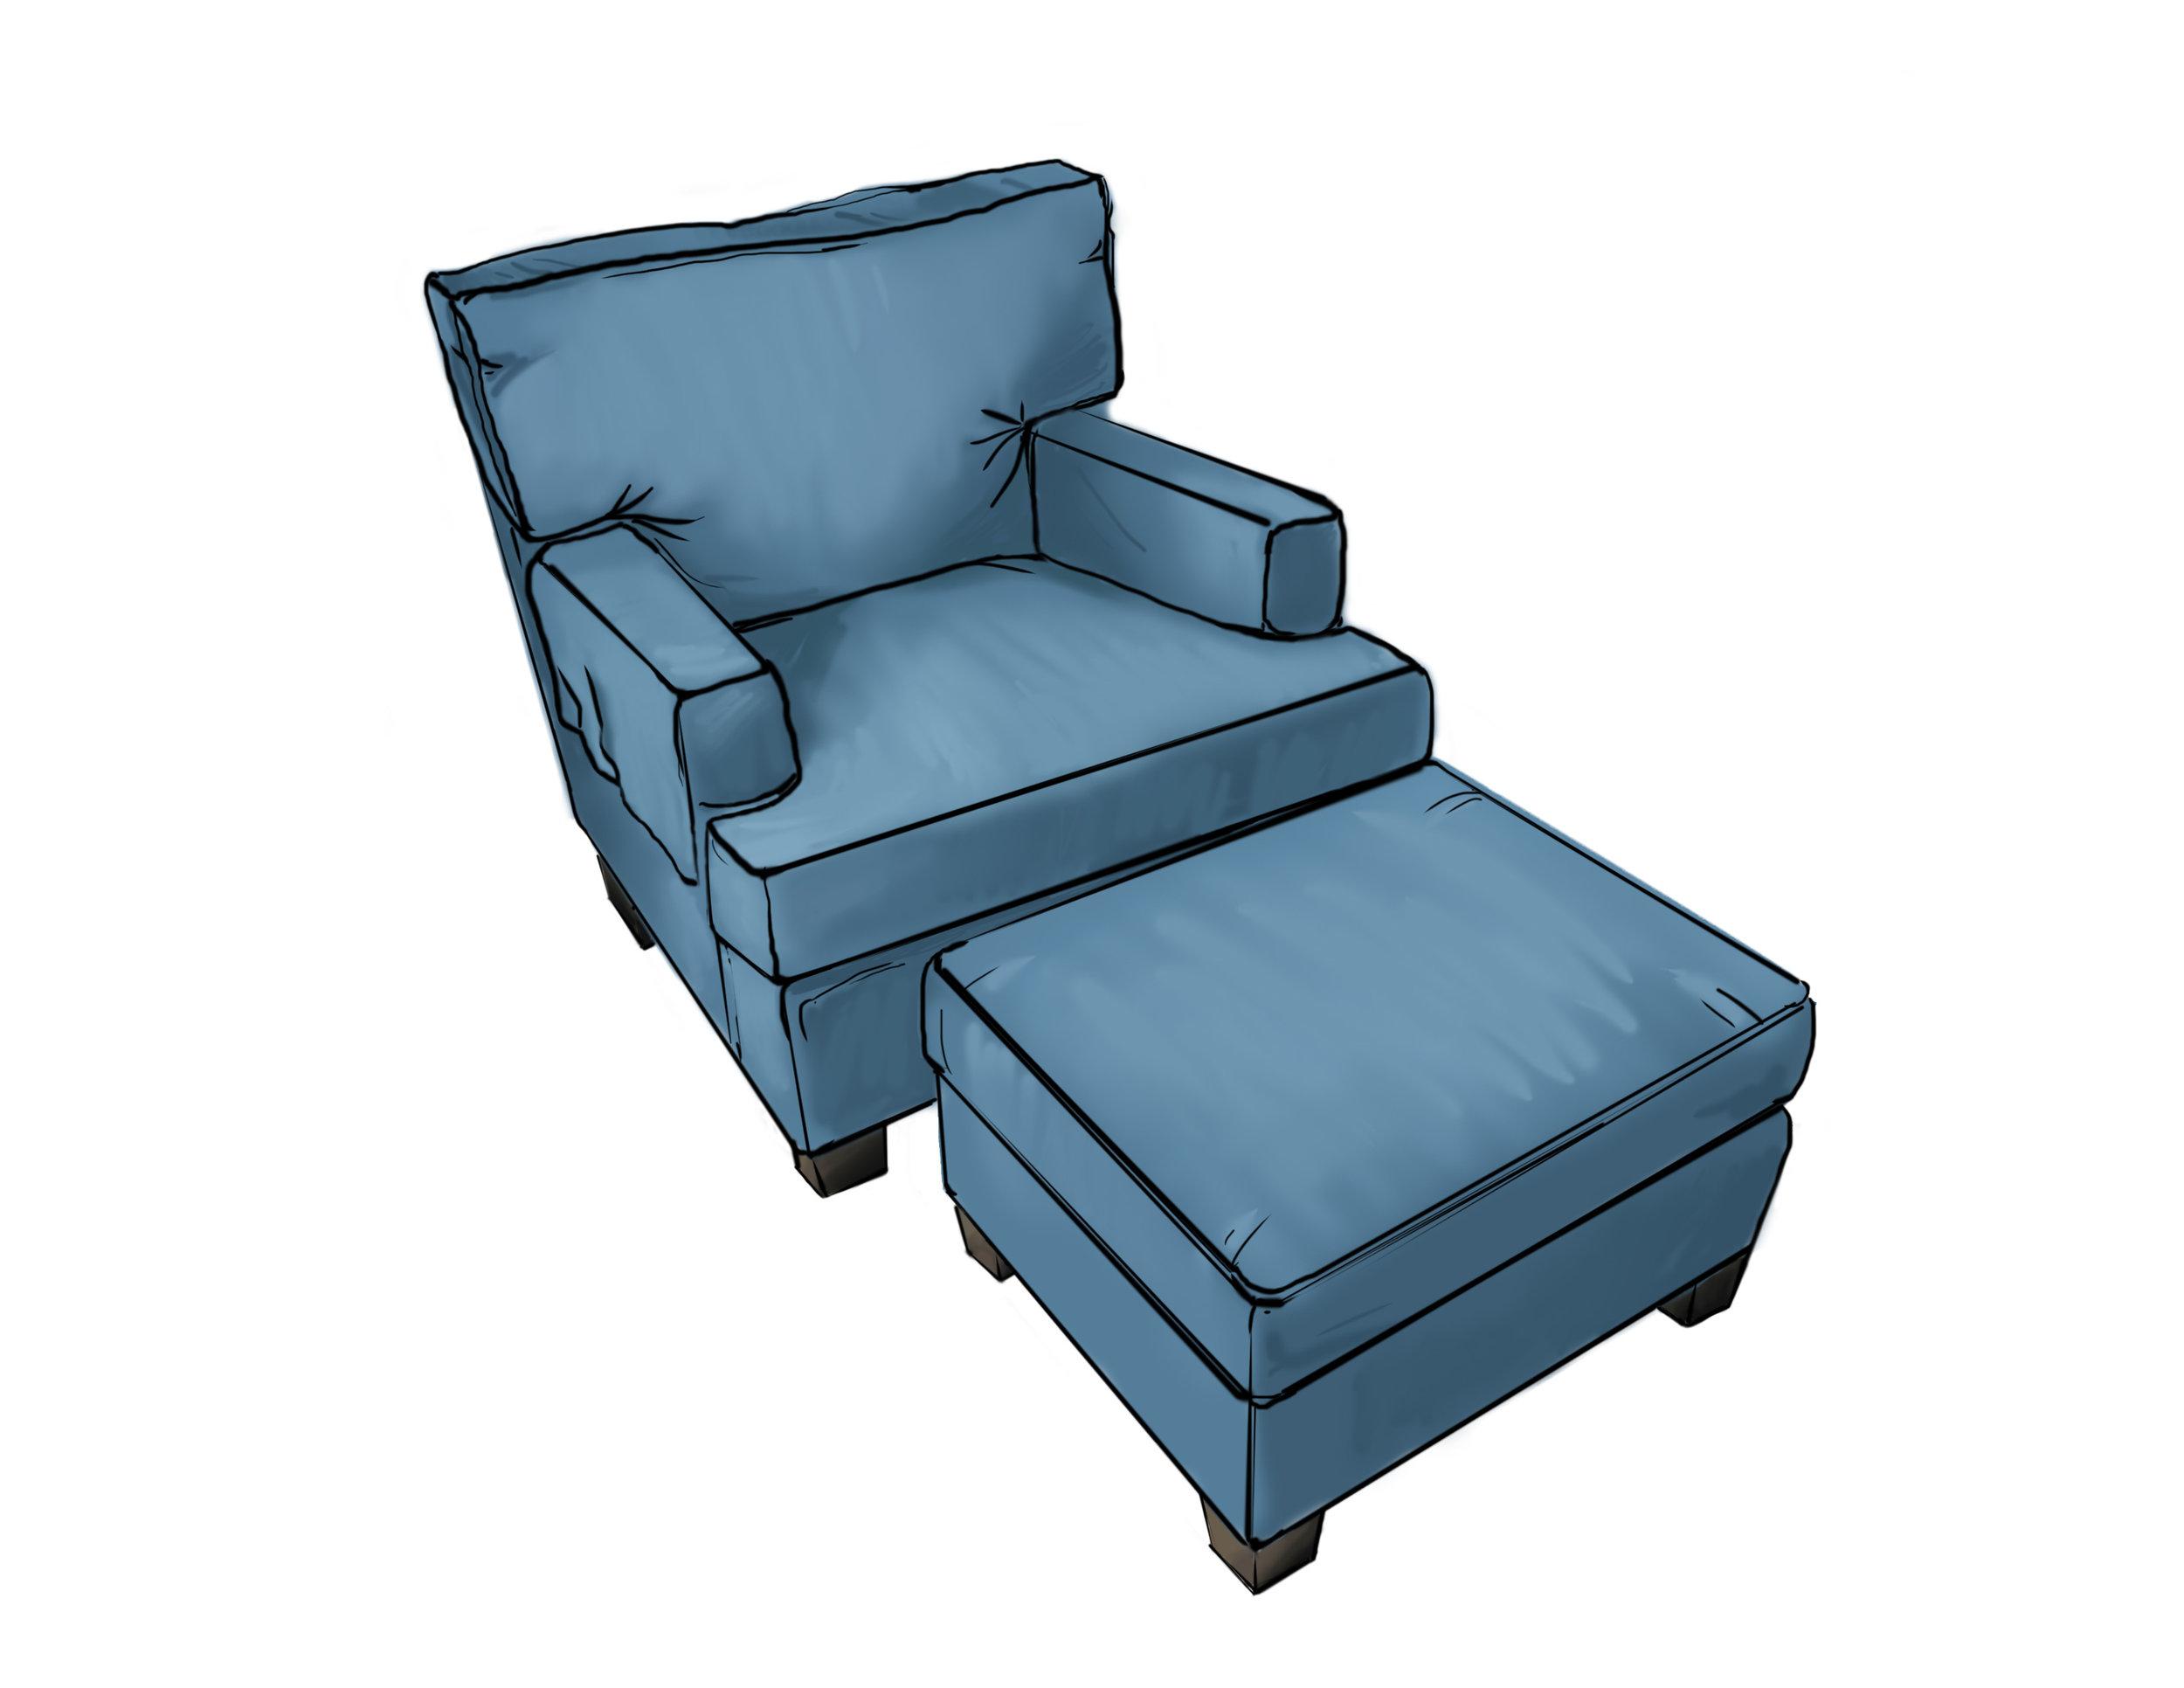 extra depth armchair & ottoman.jpg